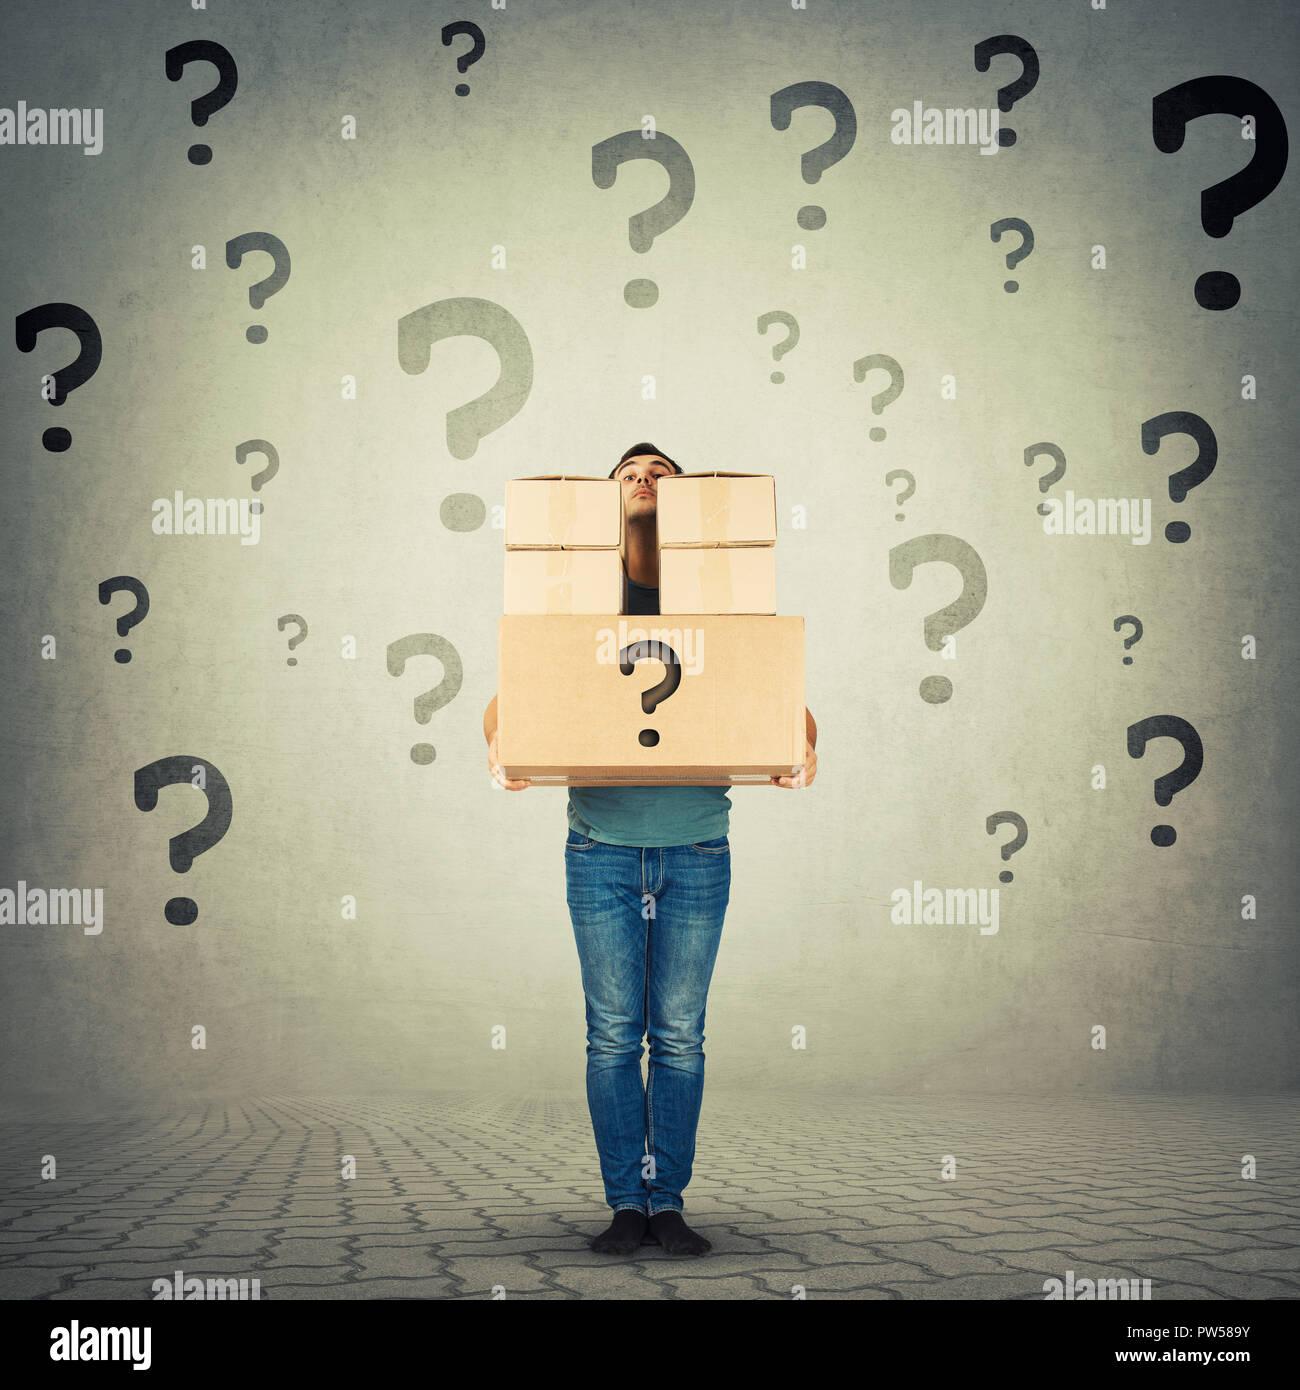 Portrait de jeune homme confus de porter de lourds paquets cachés derrière la pile de boîtes avec interrogation autour. Courier se cacher de l'identité Photo Stock